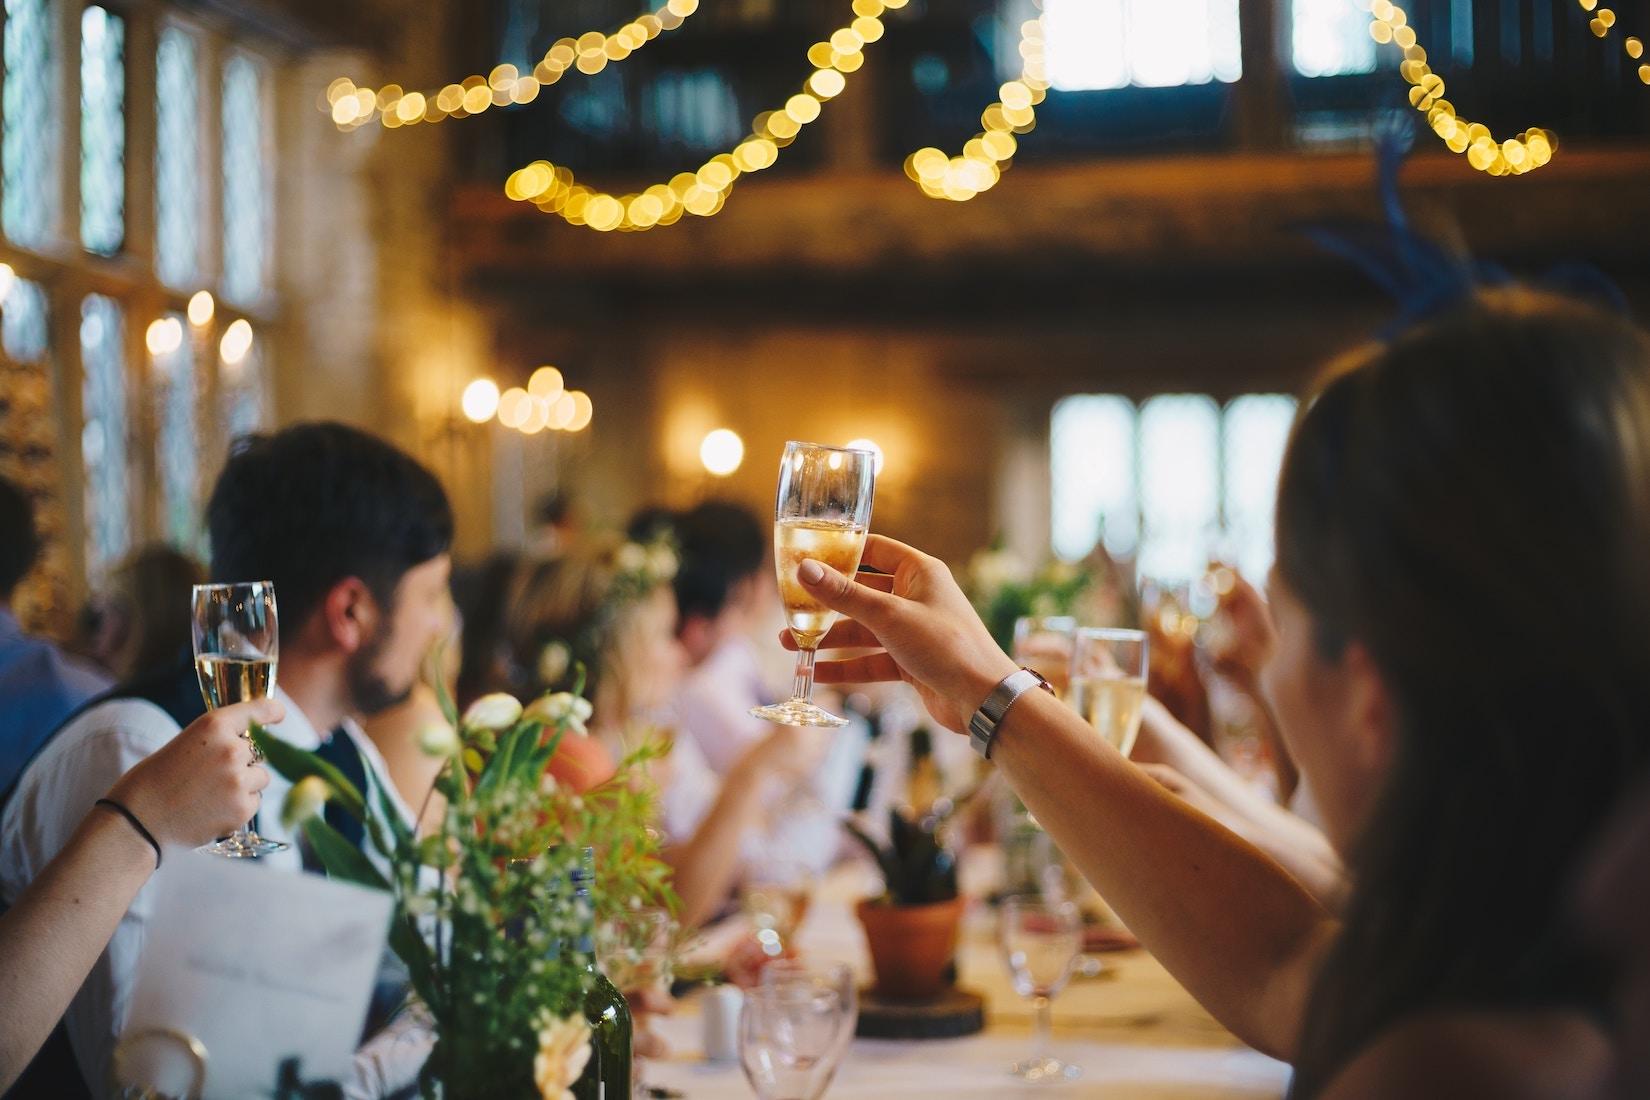 En bild på ett sällskap som avnjuter en måltid från en servis